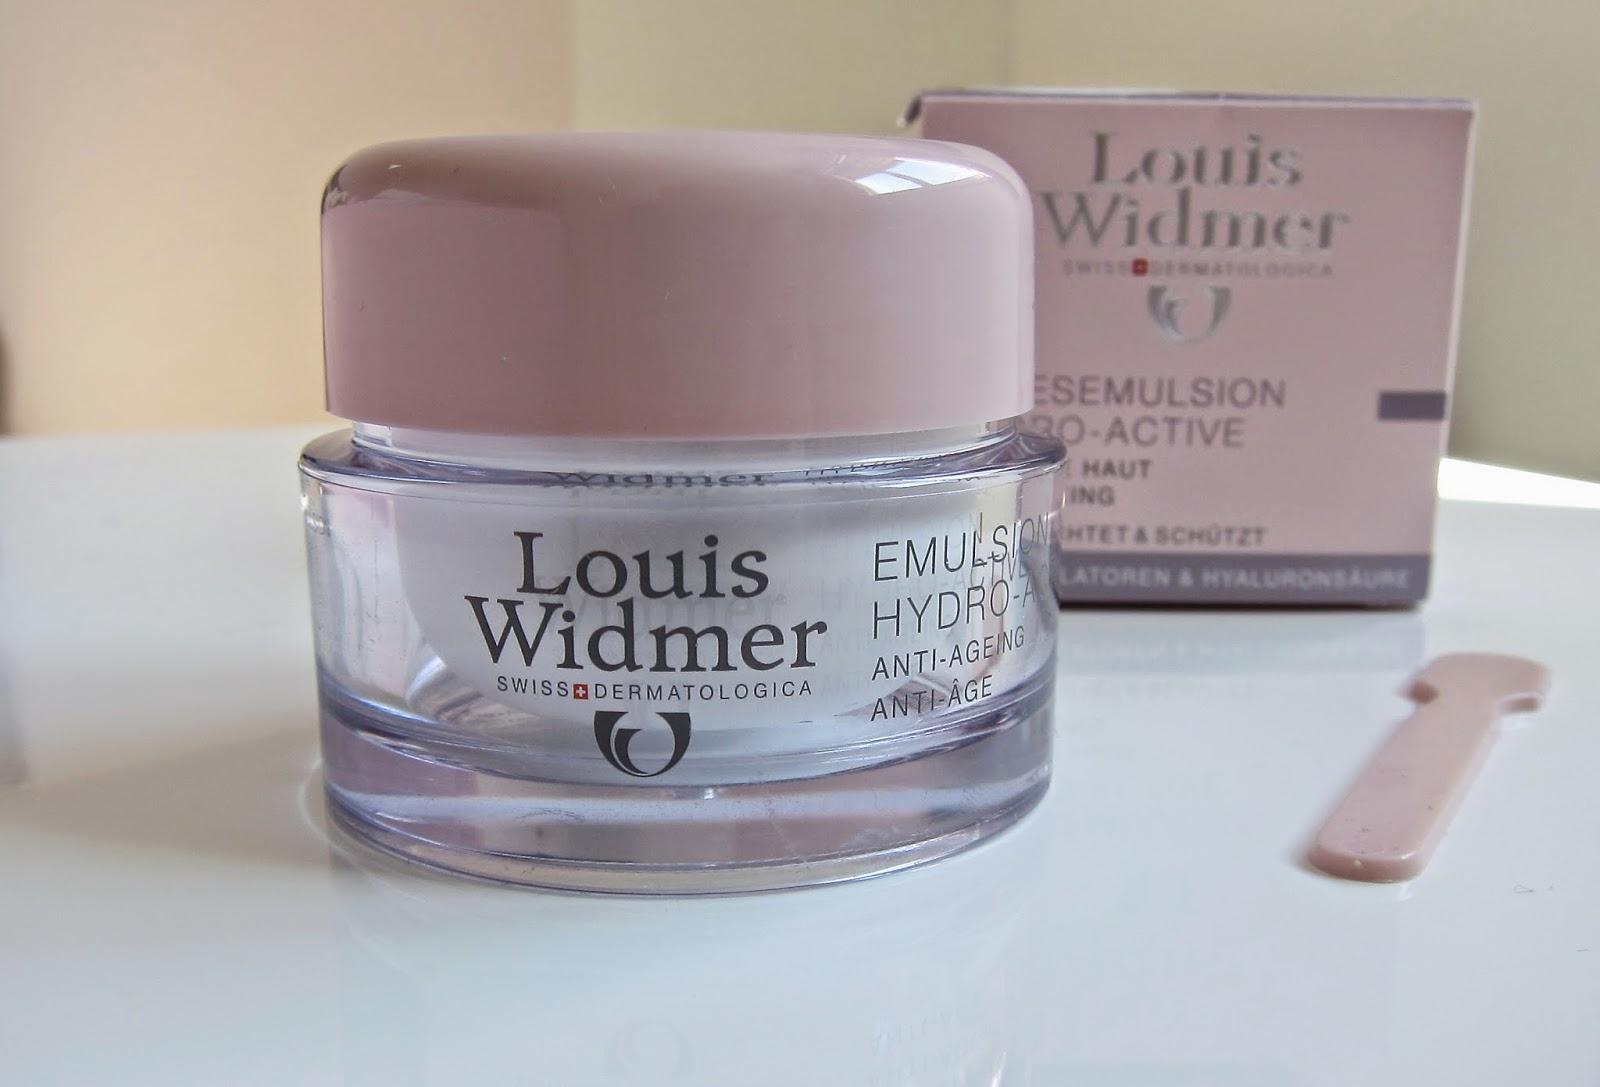 Swiss BeautyTalk: Swiss Dermatologica: Louis Widmer ...  Swiss BeautyTal...